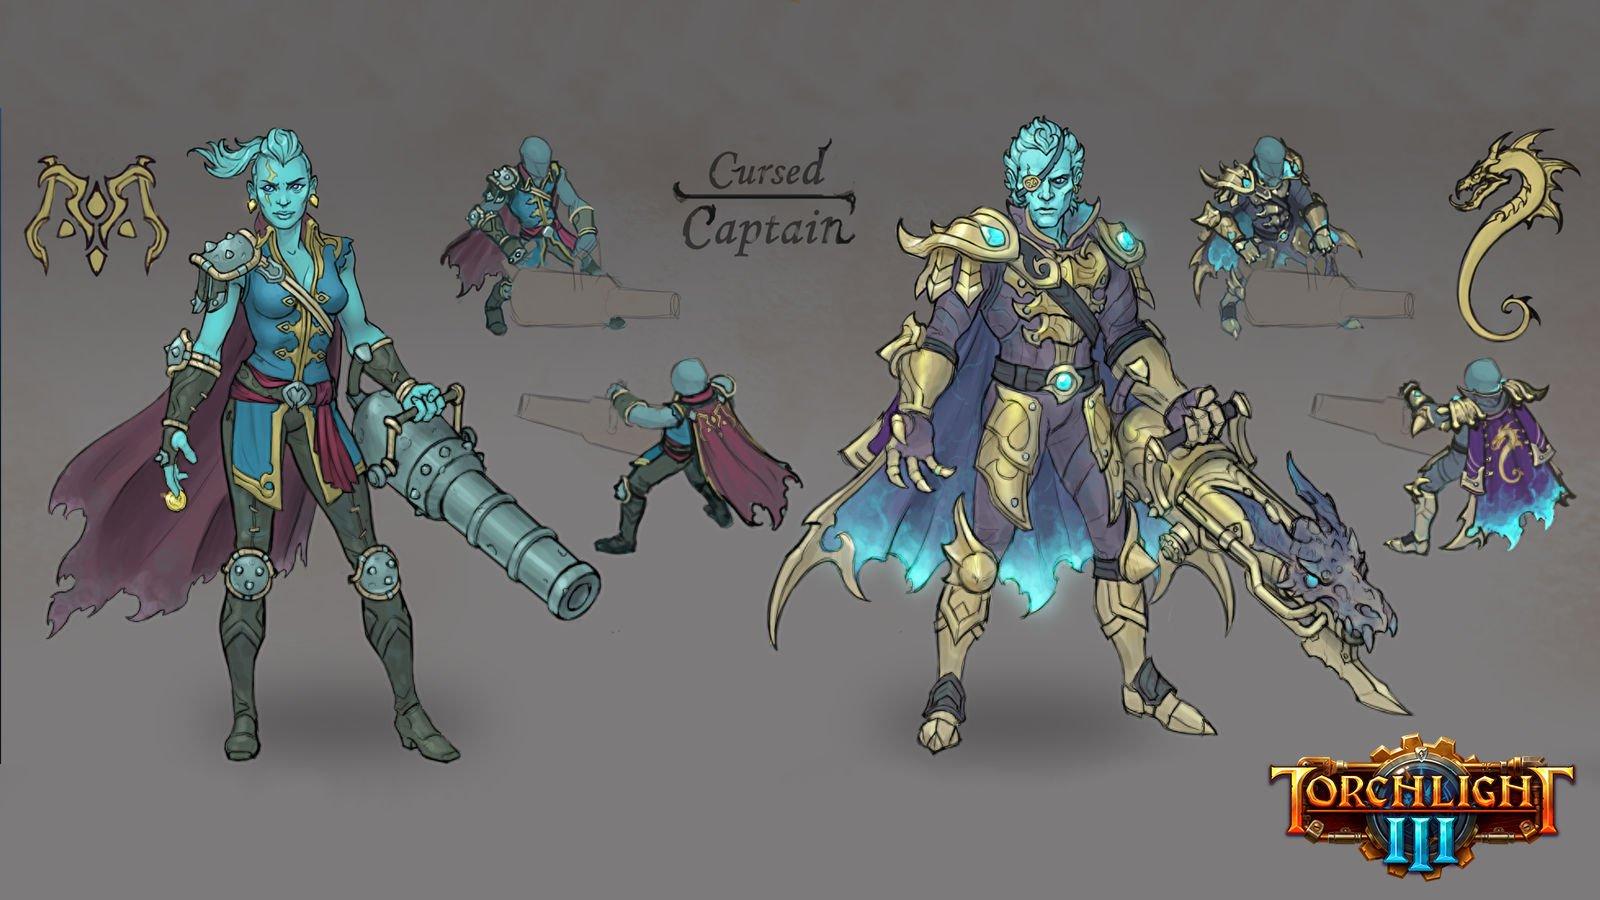 Torchlight 3 In arrivo la nuova classe del Capitano Maledetto Cursed Captain